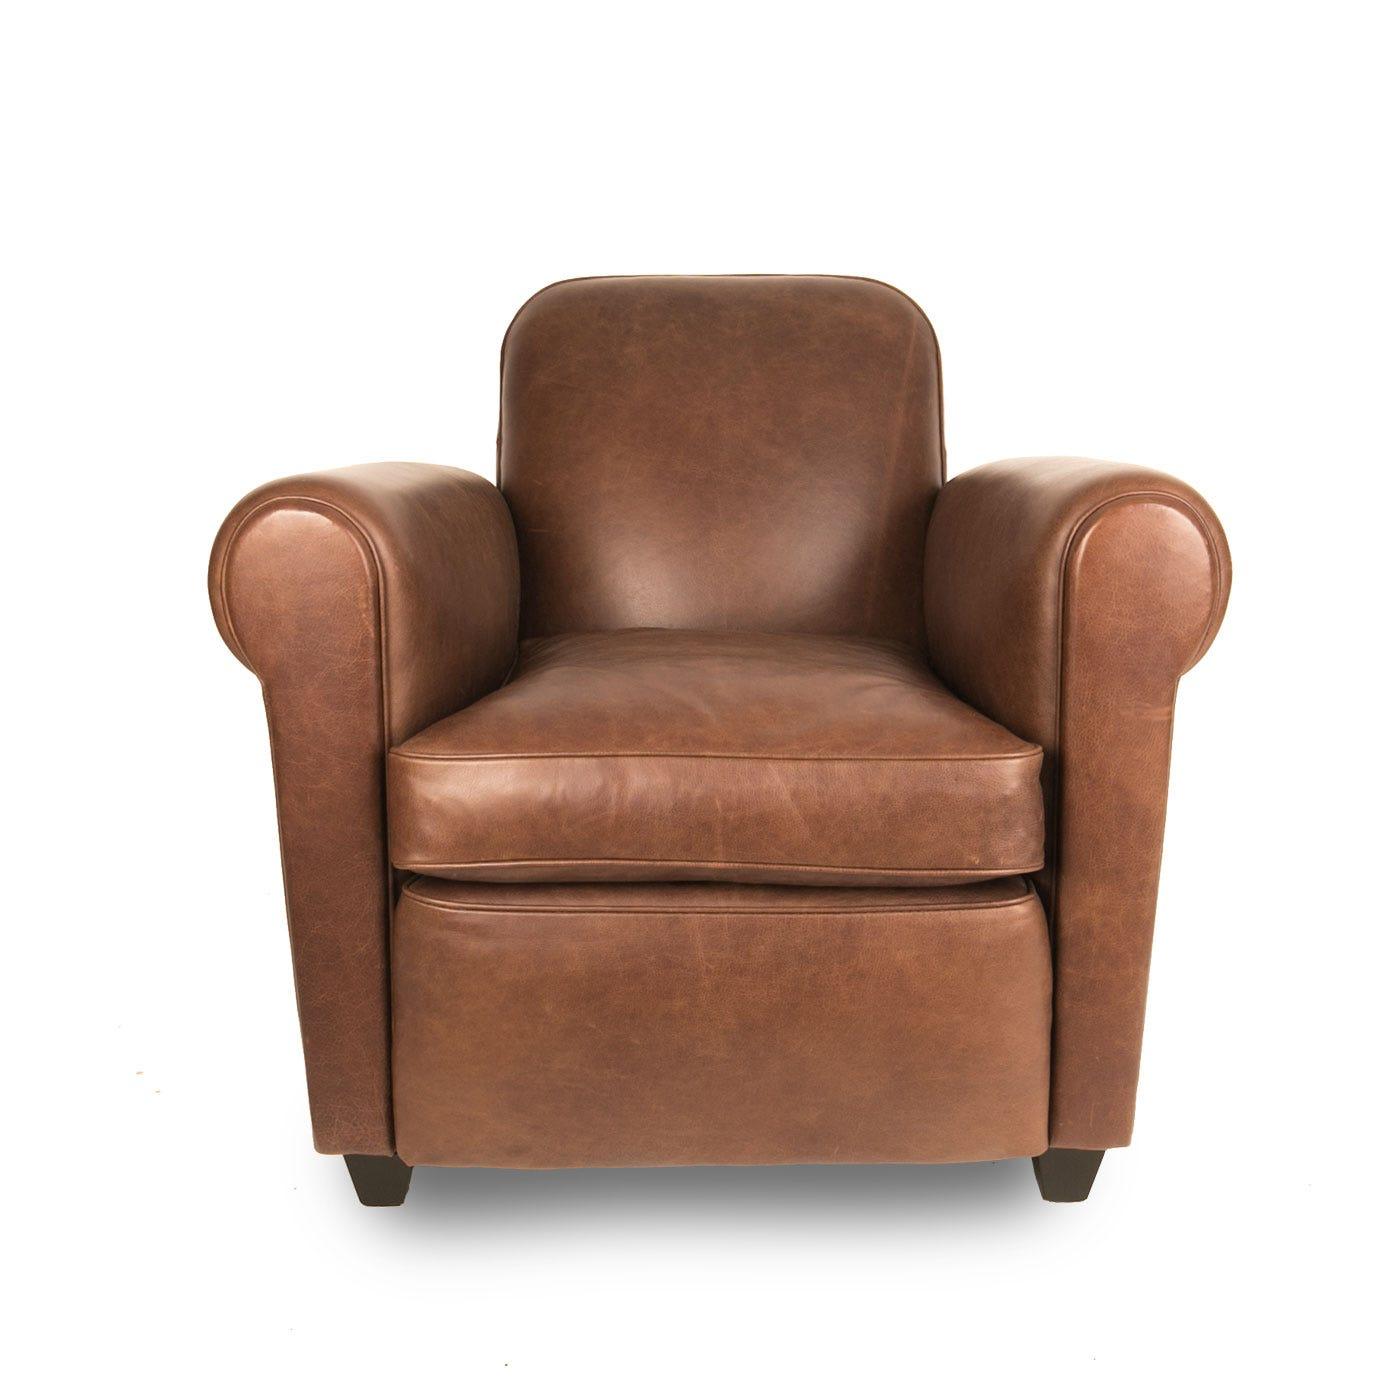 Barrington Club Chair Tan Leather